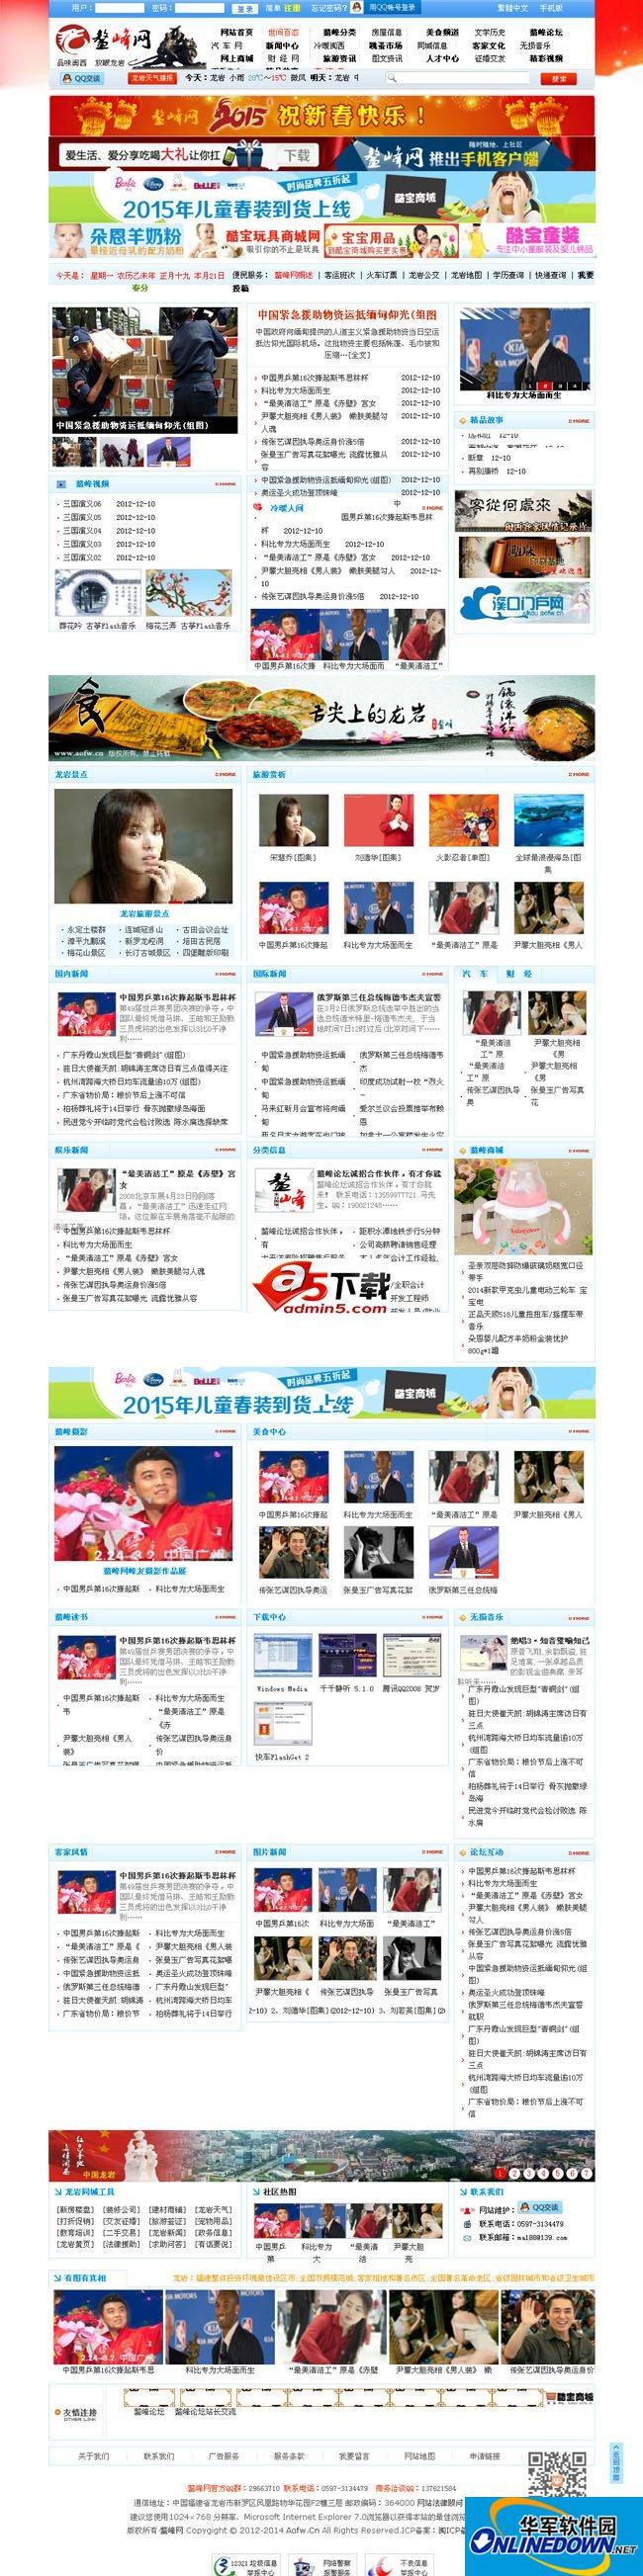 仿鳌峰网整站2015中国红版